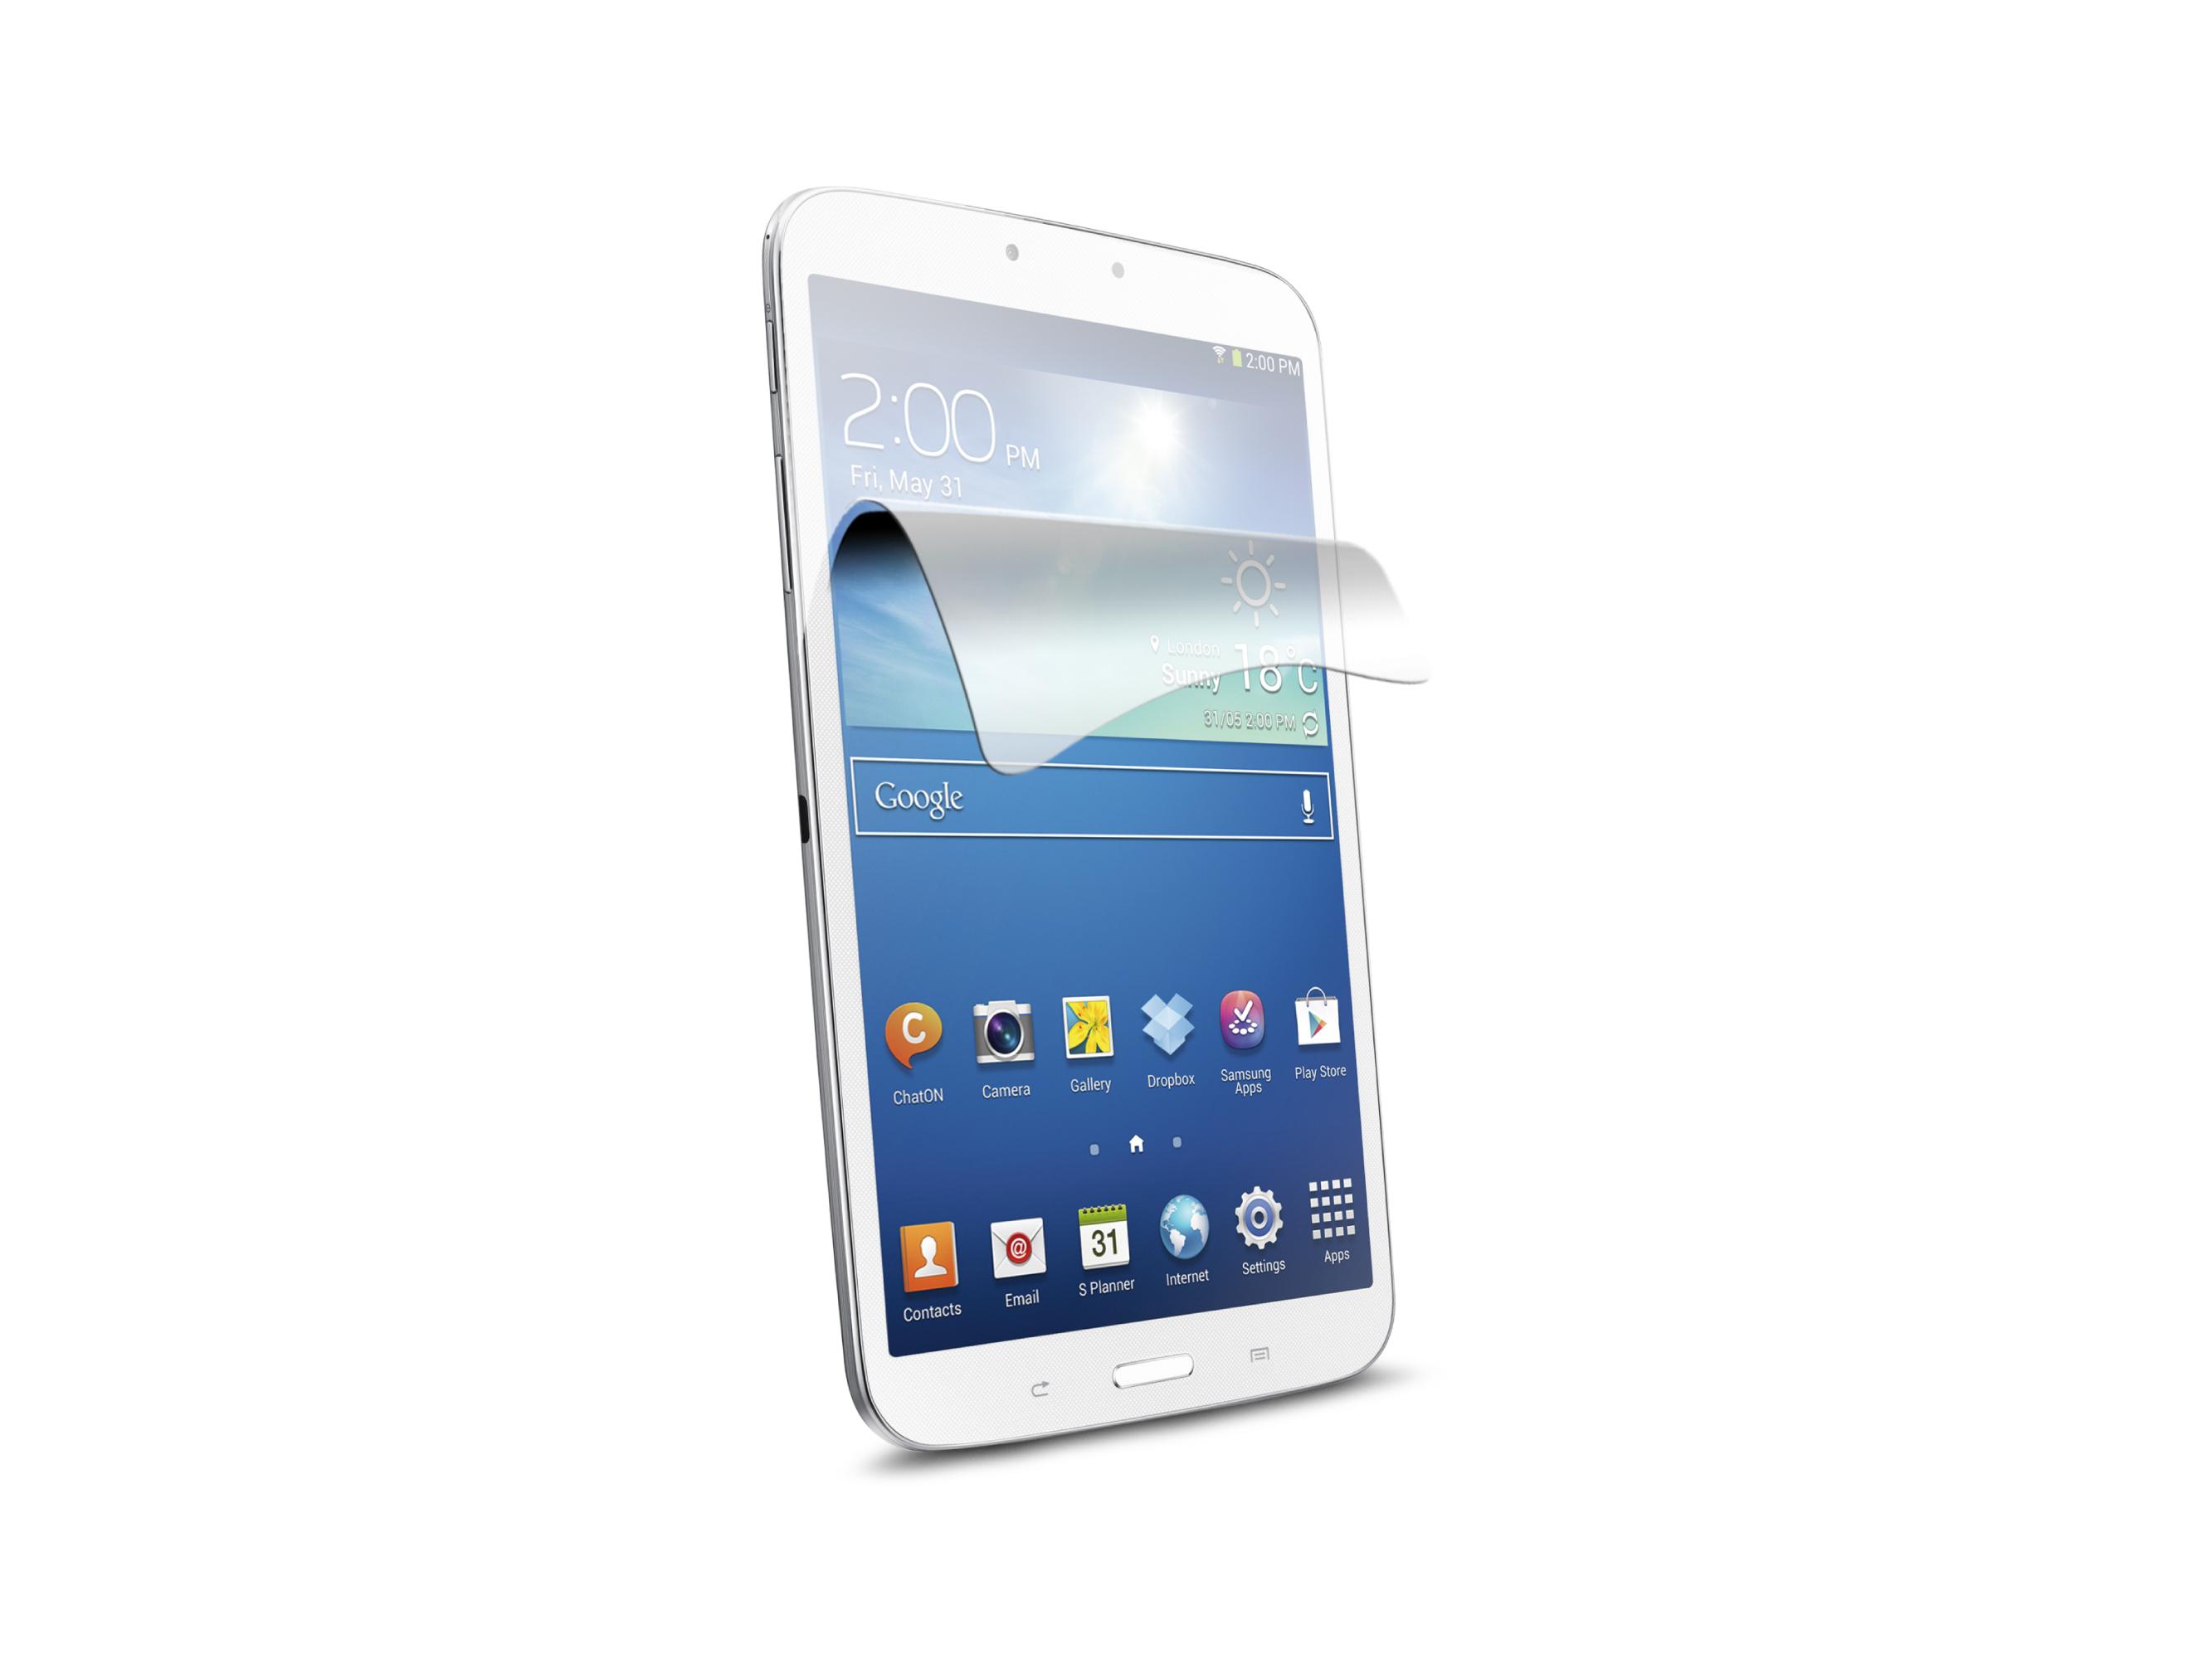 SBS ITSCREENTAB38A Samsung Galaxy Tab 3 8.0 1pezzo(i) protezione per schermo 8018417190162 ITSCREENTAB38A 14_ITSCREENTAB38A